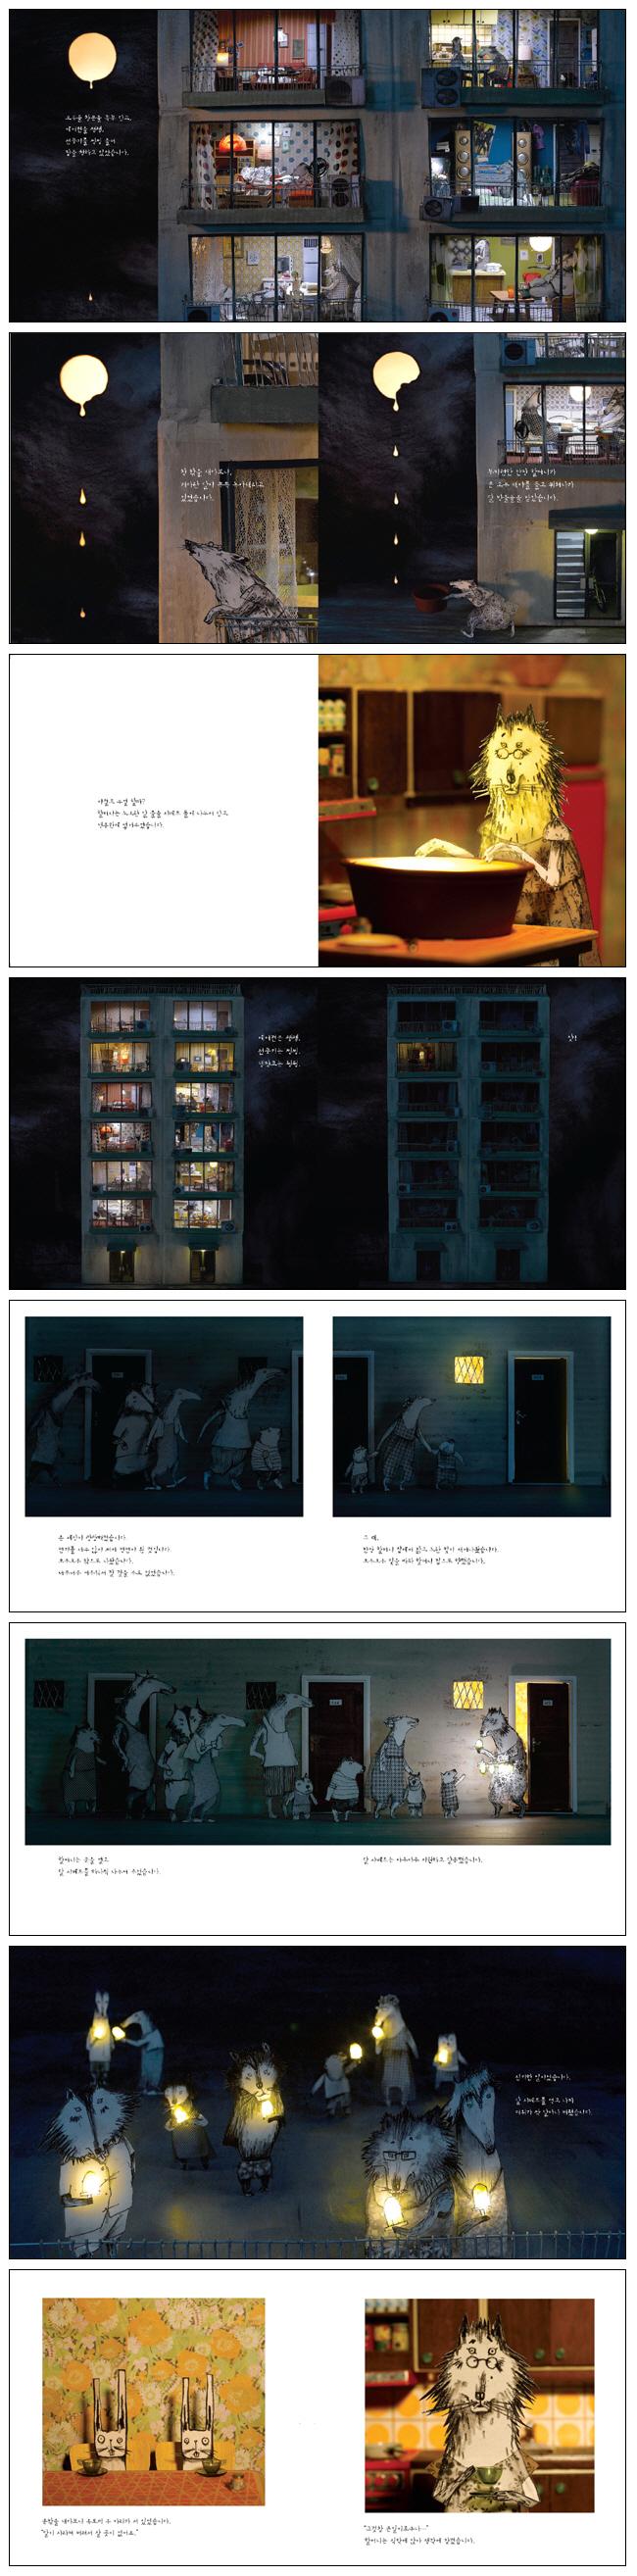 달 샤베트(양장본 HardCover) 도서 상세이미지